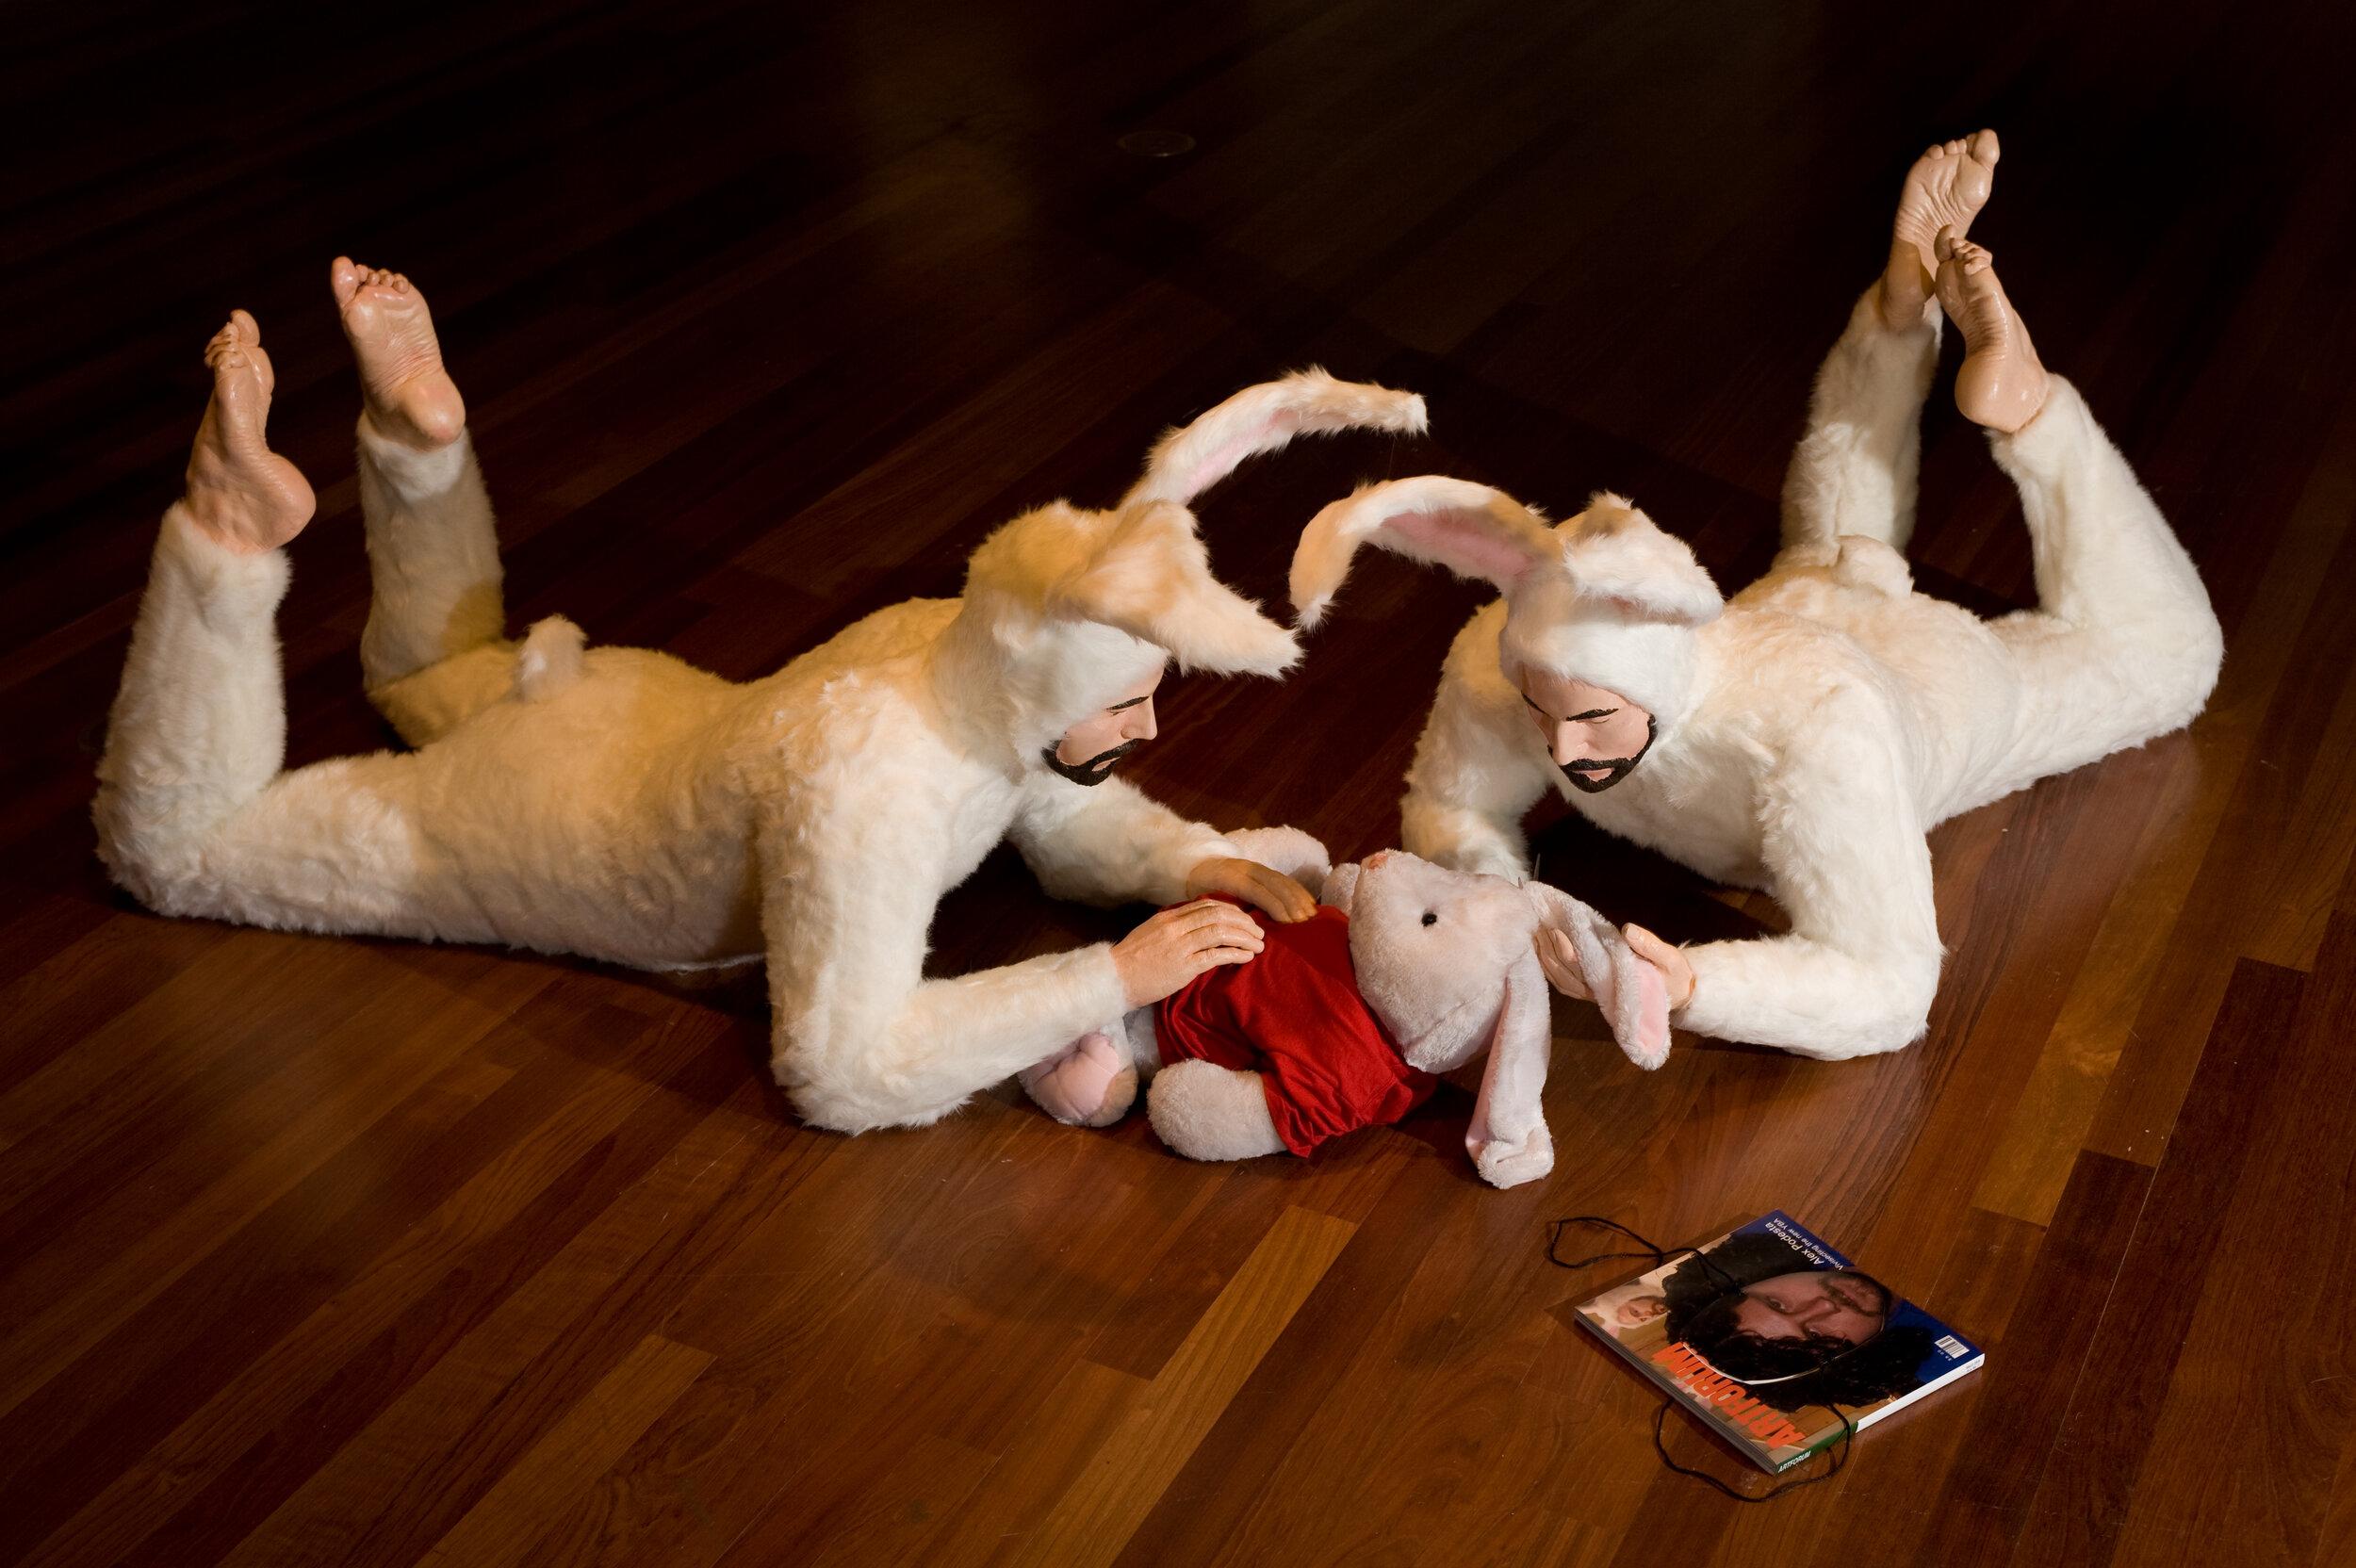 Kunstenaar Alex Podesta gebruikt veel witte konijnen in zijn kunstwerken en zijn vaak een referentie naar kindermisbruik.